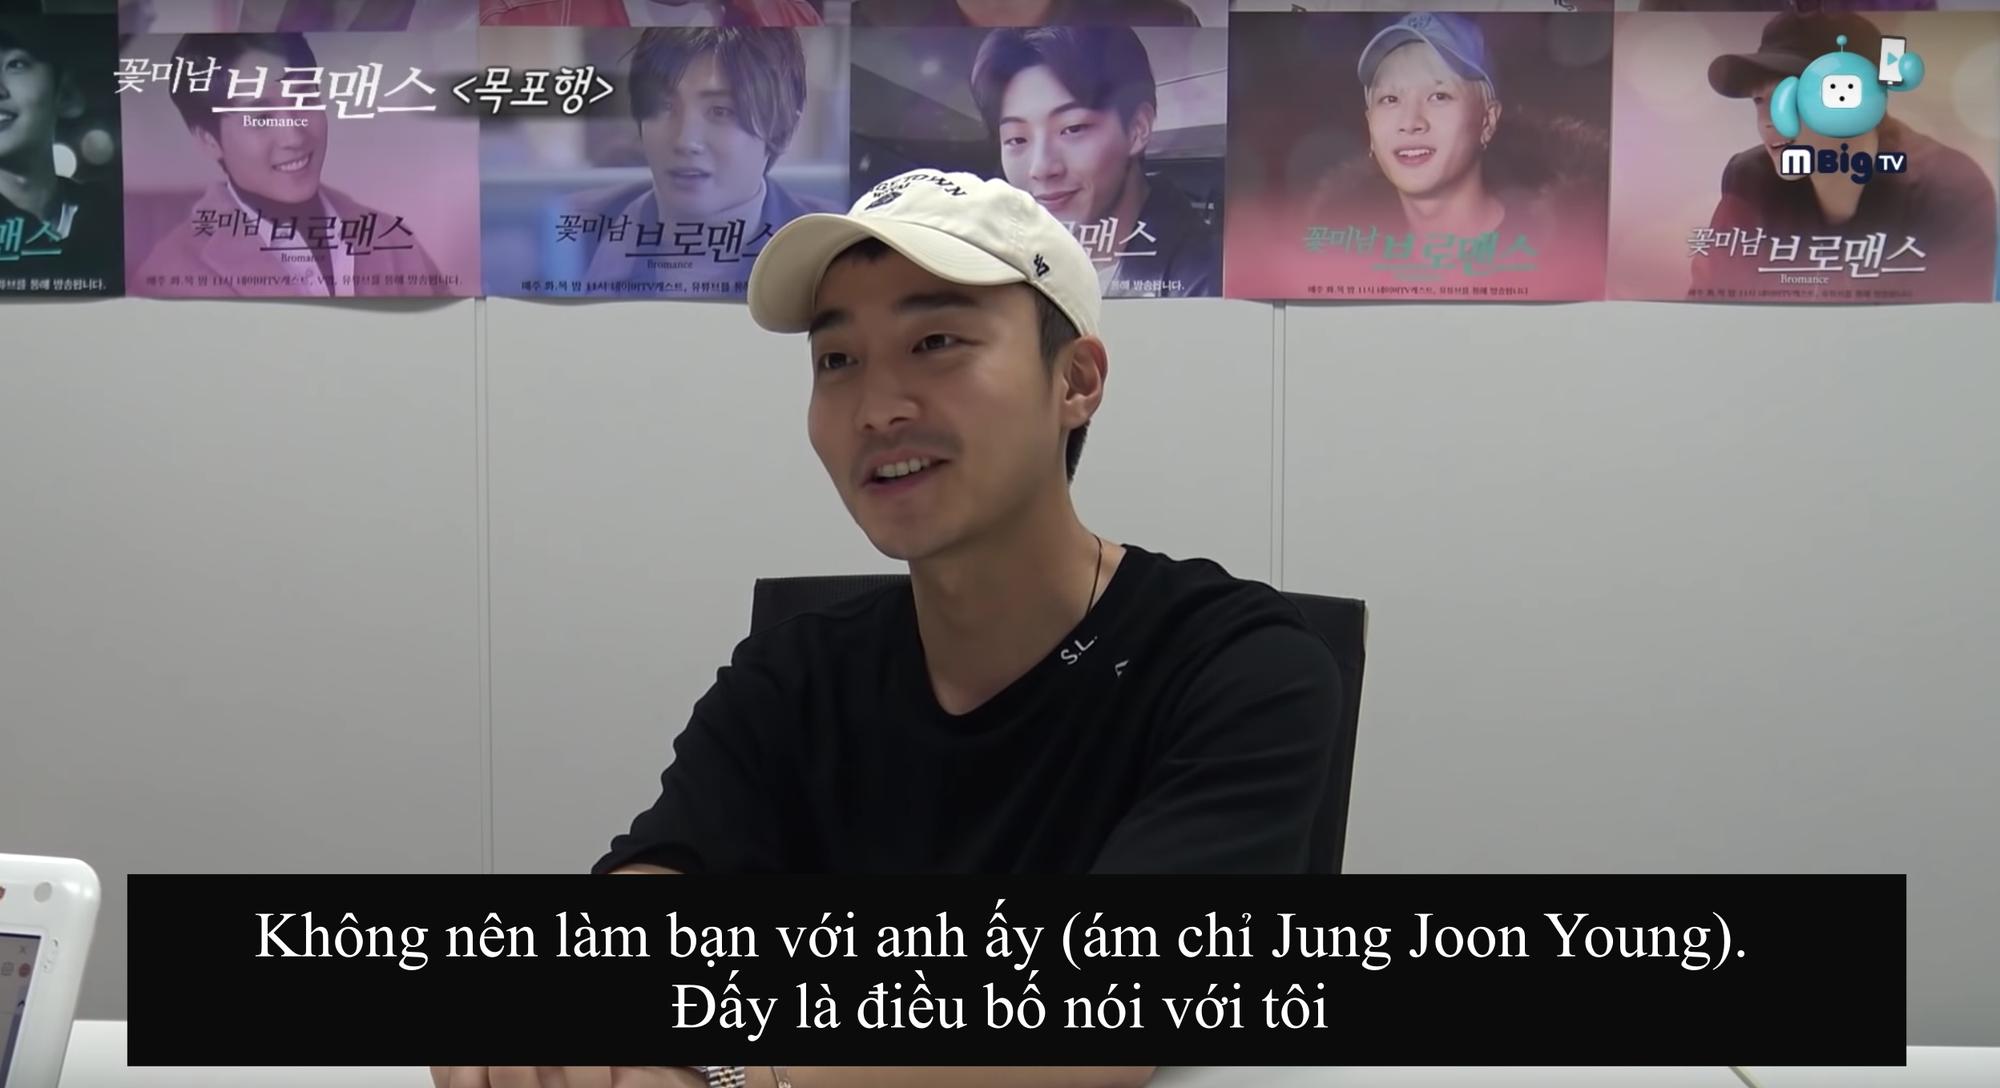 Rùng mình cuộc hội thoại ẩn ý của Jung Joon Young và Roy Kim trước khi bê bối tình dục nổ ra: Cậu làm tôi vấy bẩn - Ảnh 6.